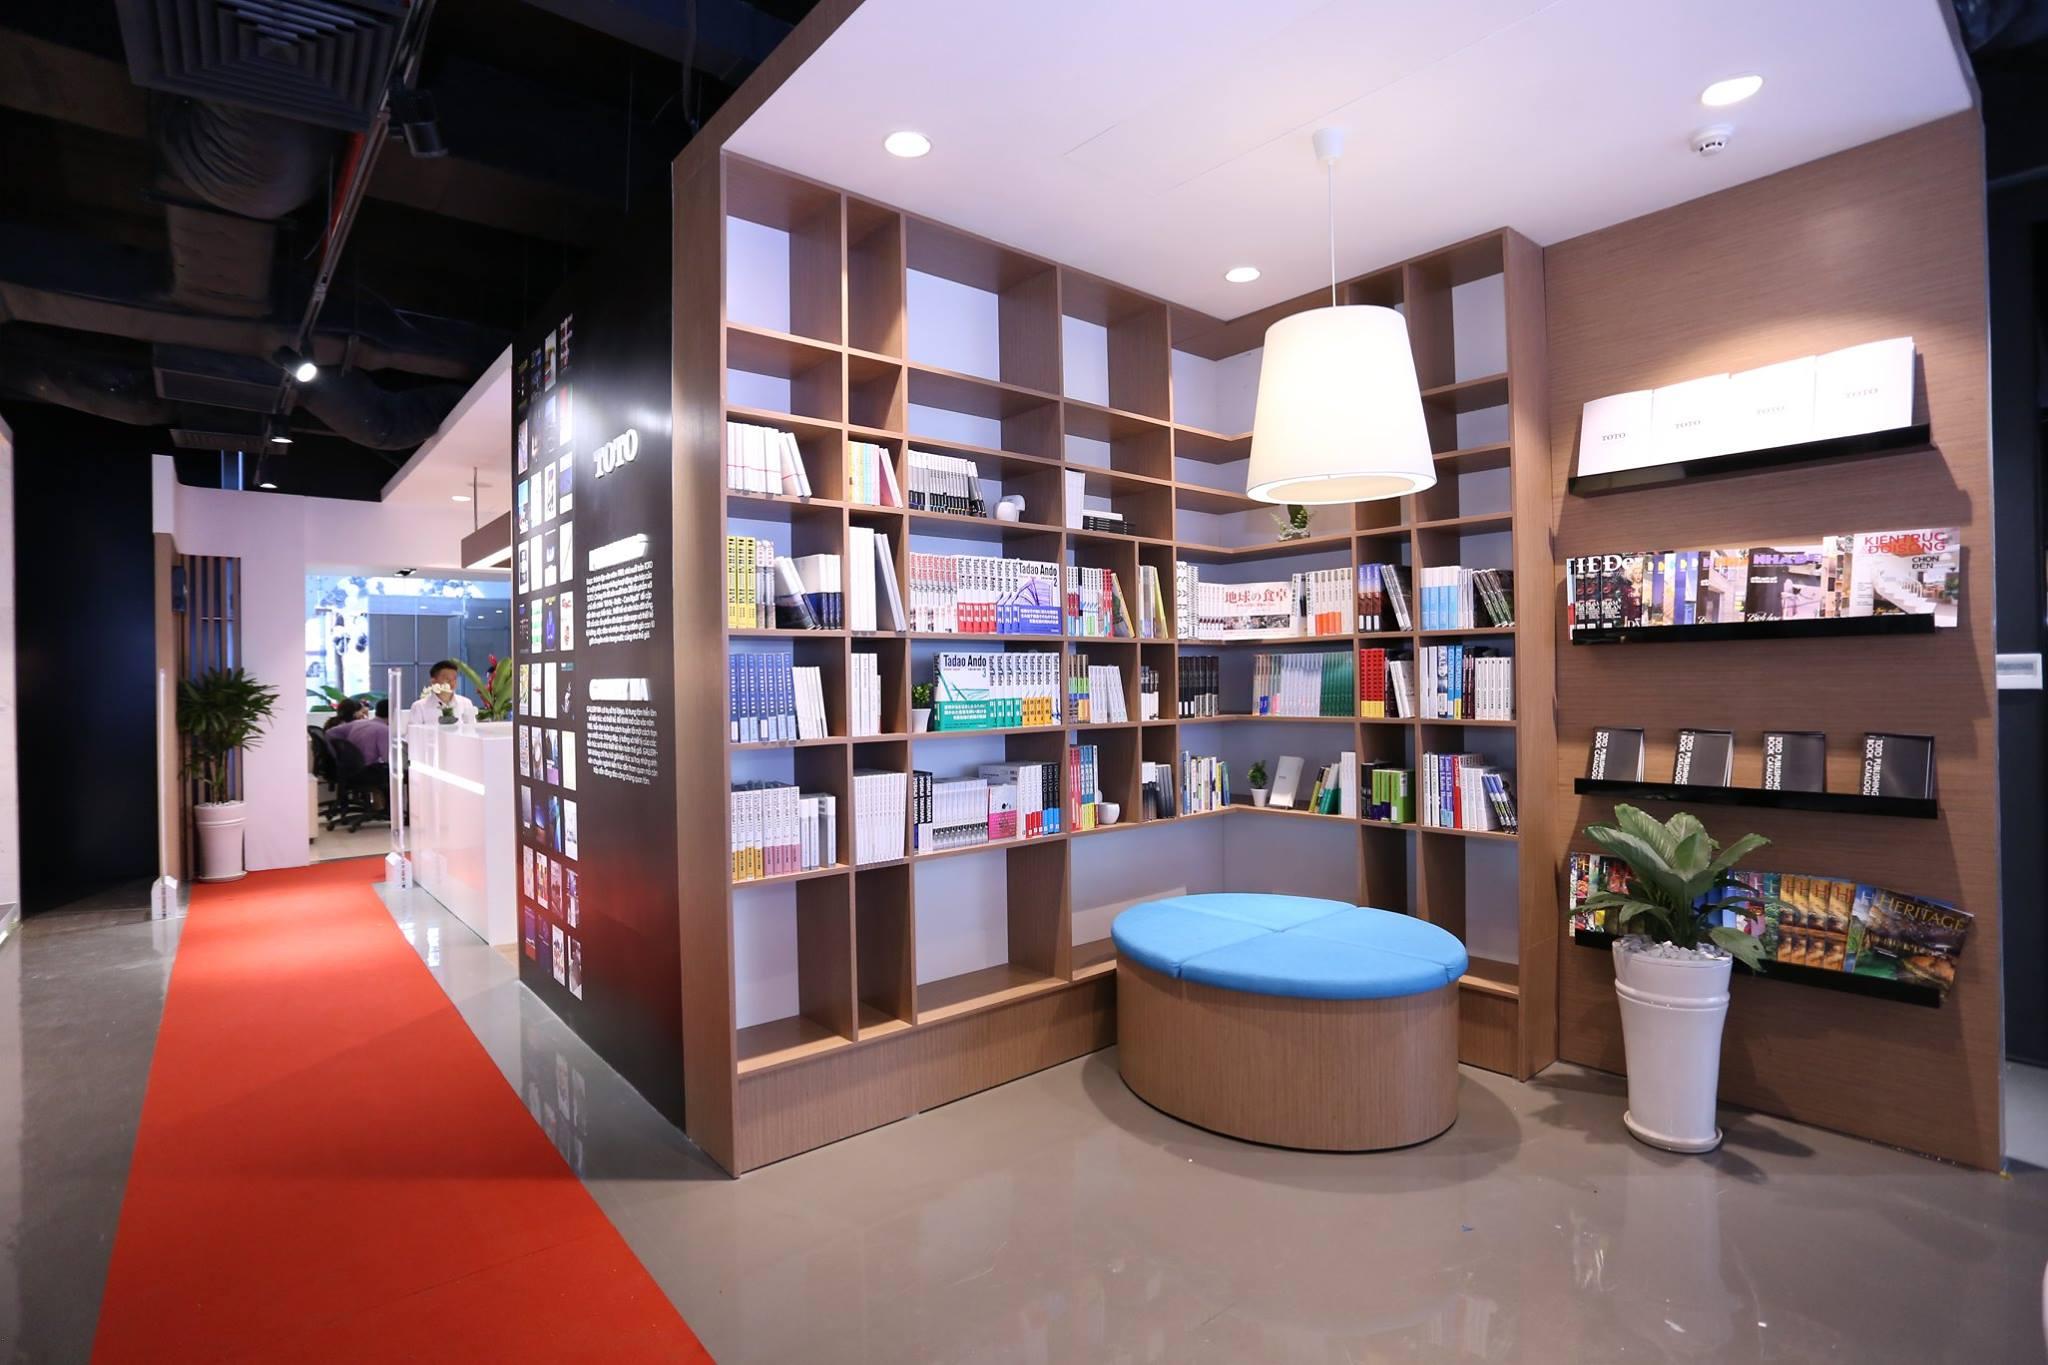 Góc Trung tâm Thông tin TOTO - Thư viện kiến trúc cho các bạn sinh viên giao lưu và tham khảo